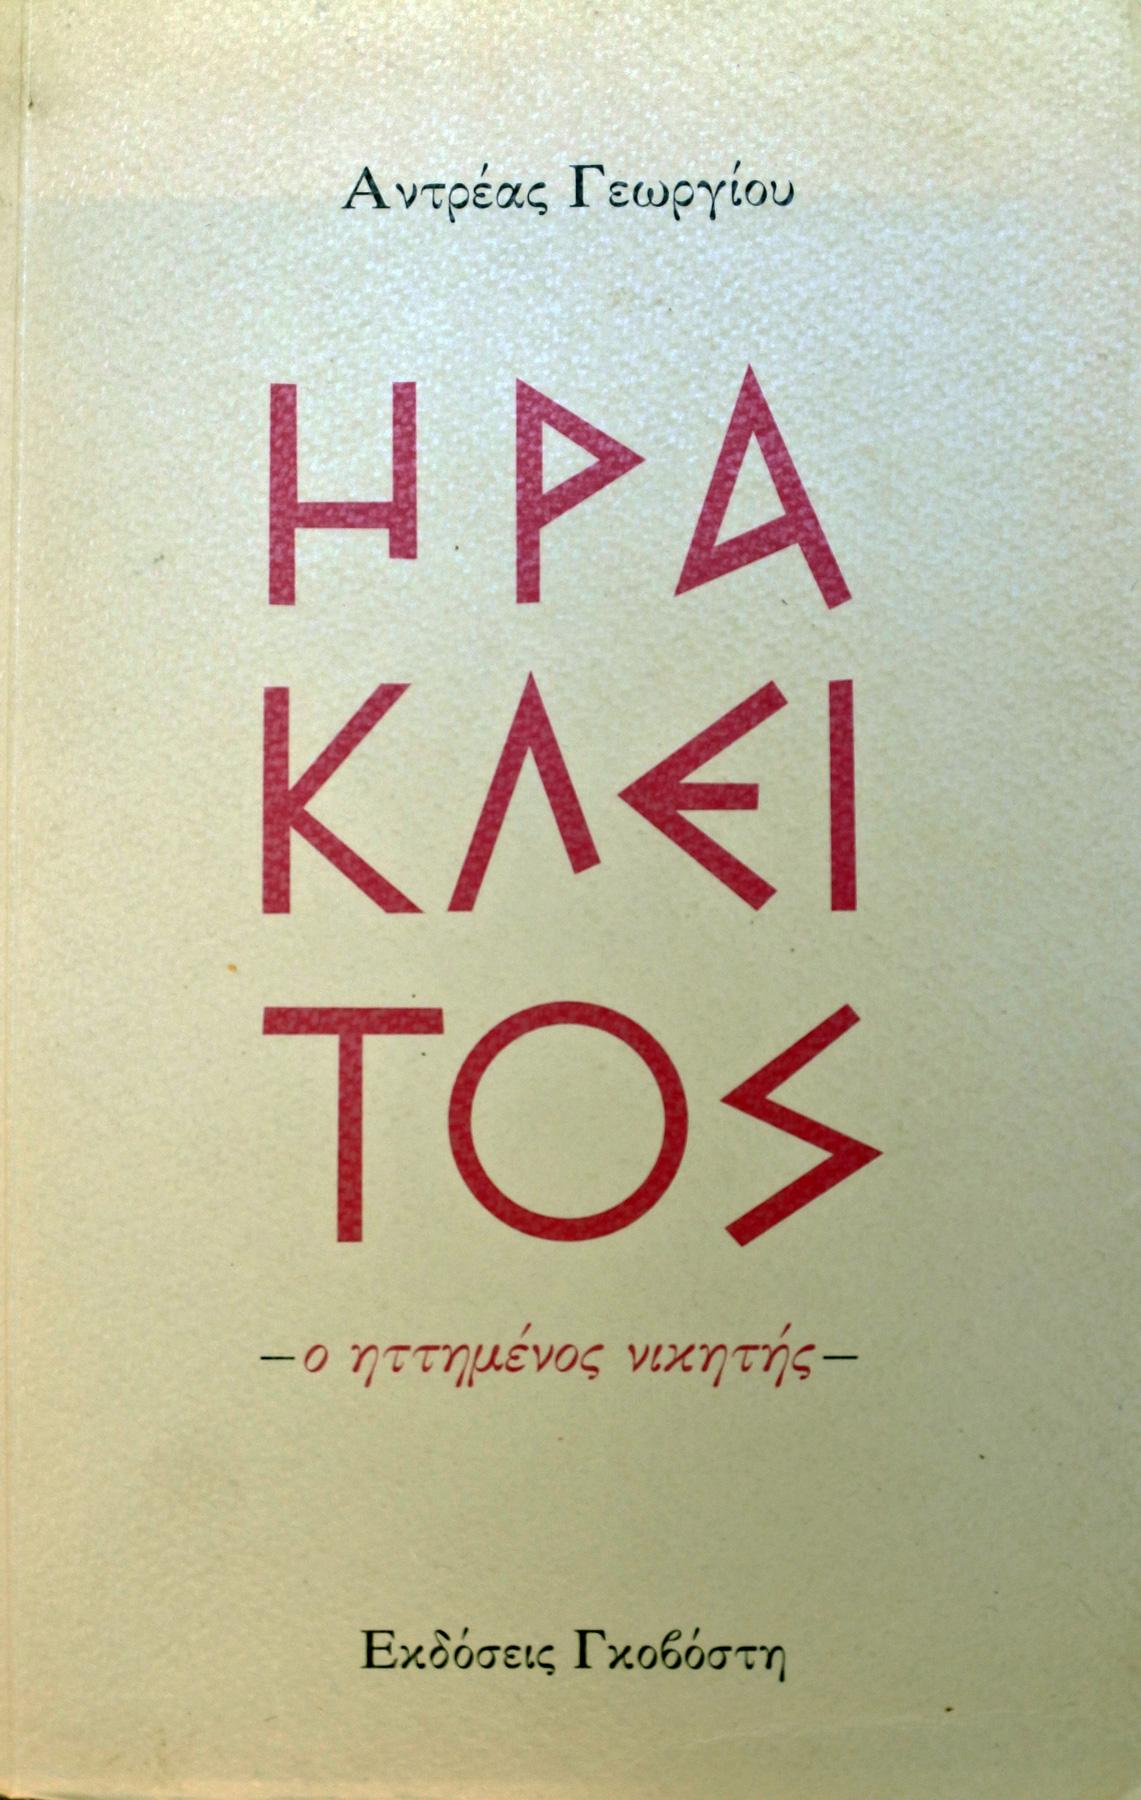 Ηράκλειτος (1997) - Αντρέας Γεωργίου Ξυφτίλης